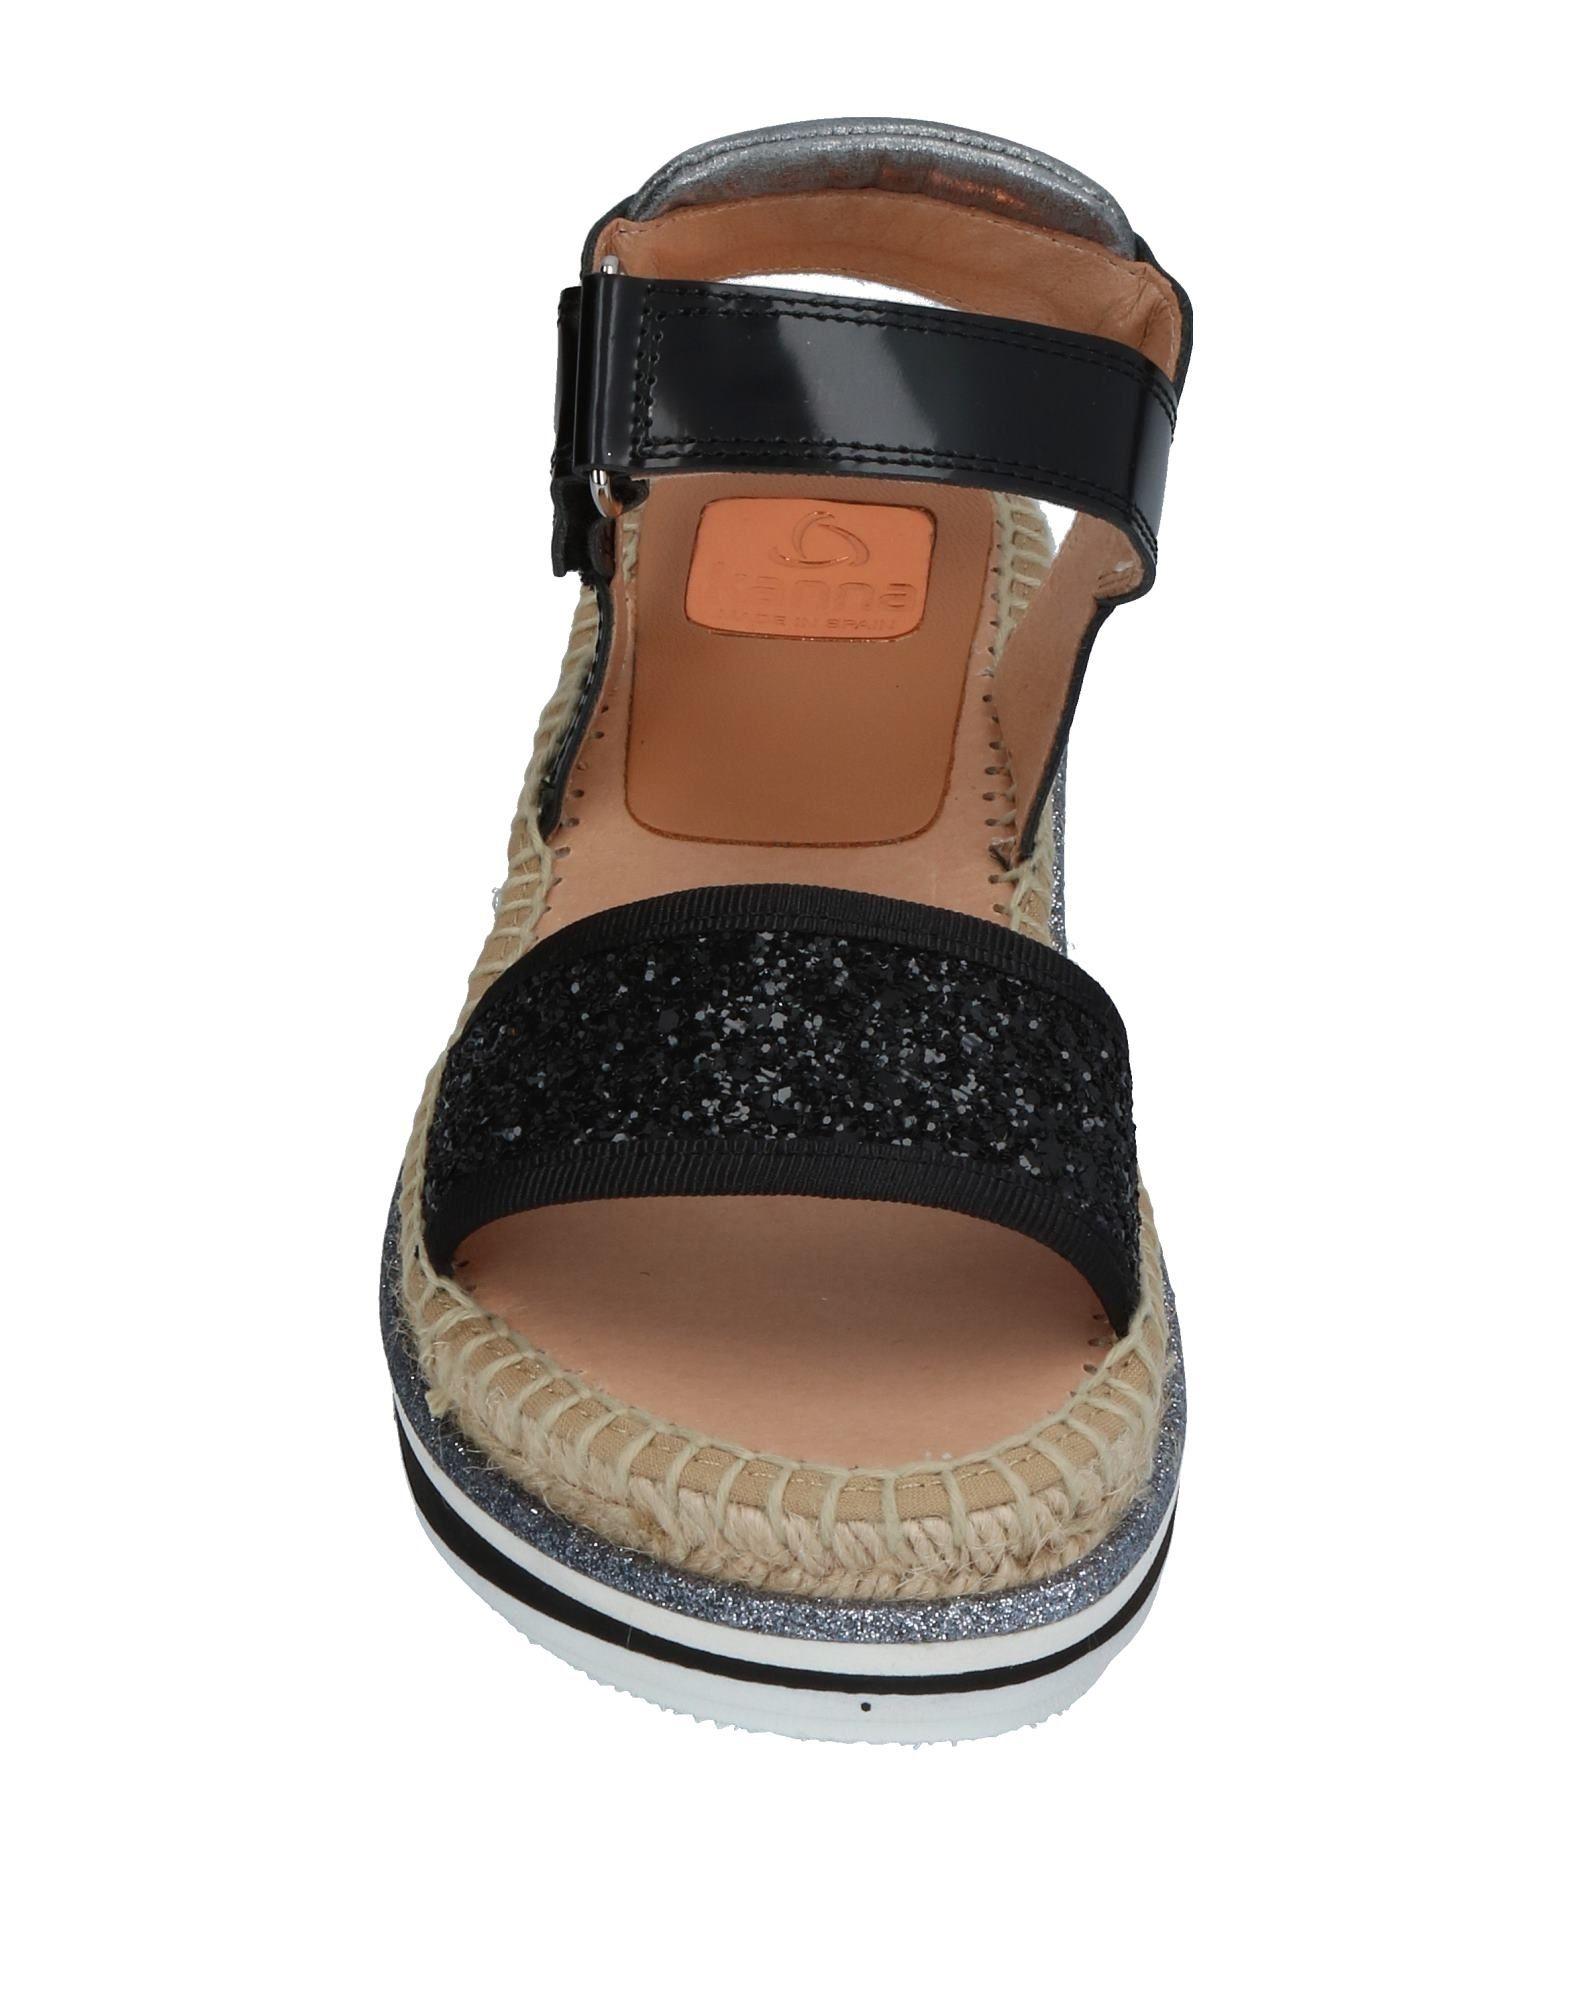 Kanna Sandalen Qualität Damen  11405682VD Gute Qualität Sandalen beliebte Schuhe 3da871